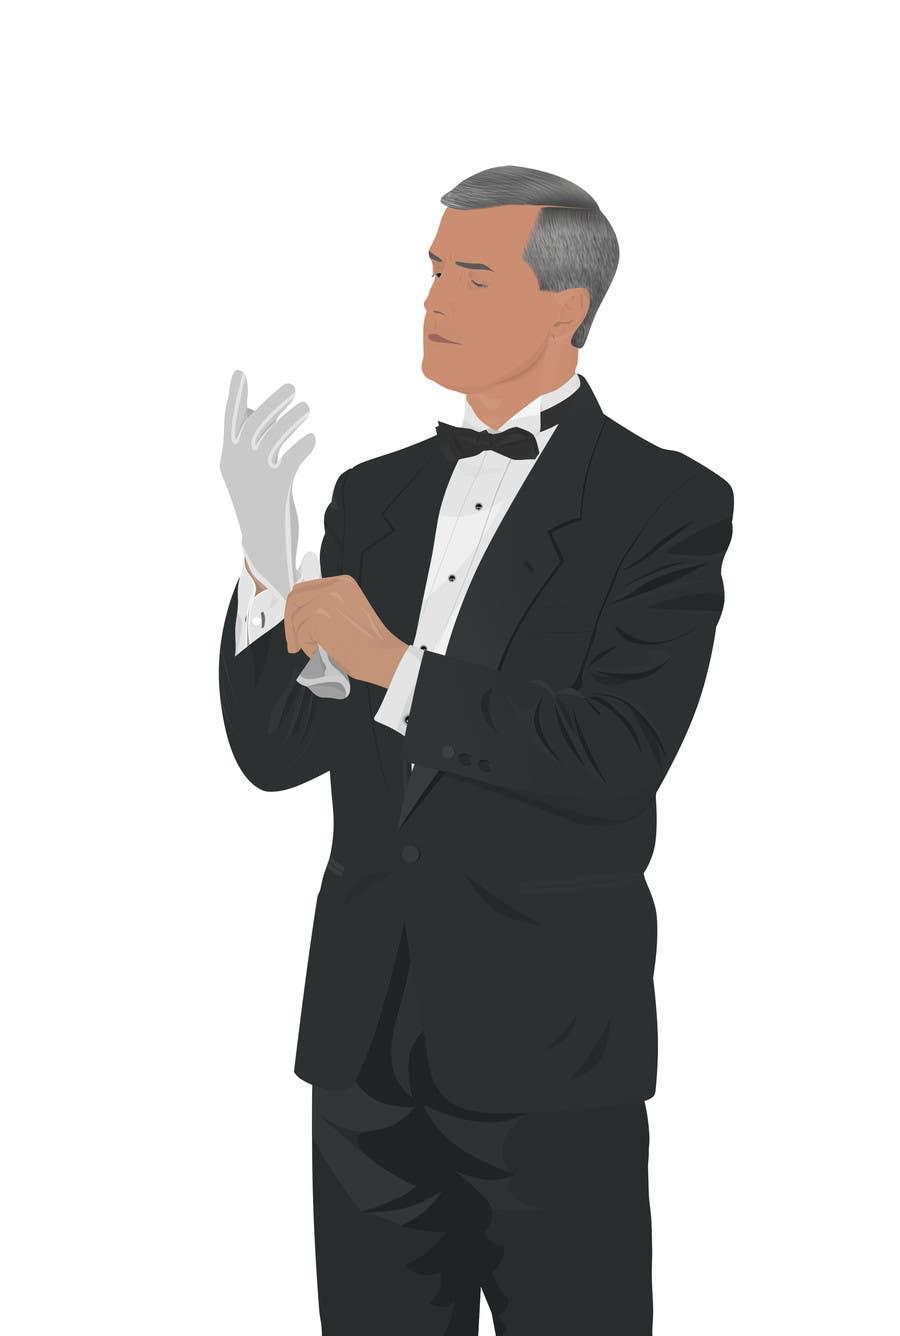 Penyertaan Peraduan #                                        12                                      untuk                                         Graphic Design of a Butler